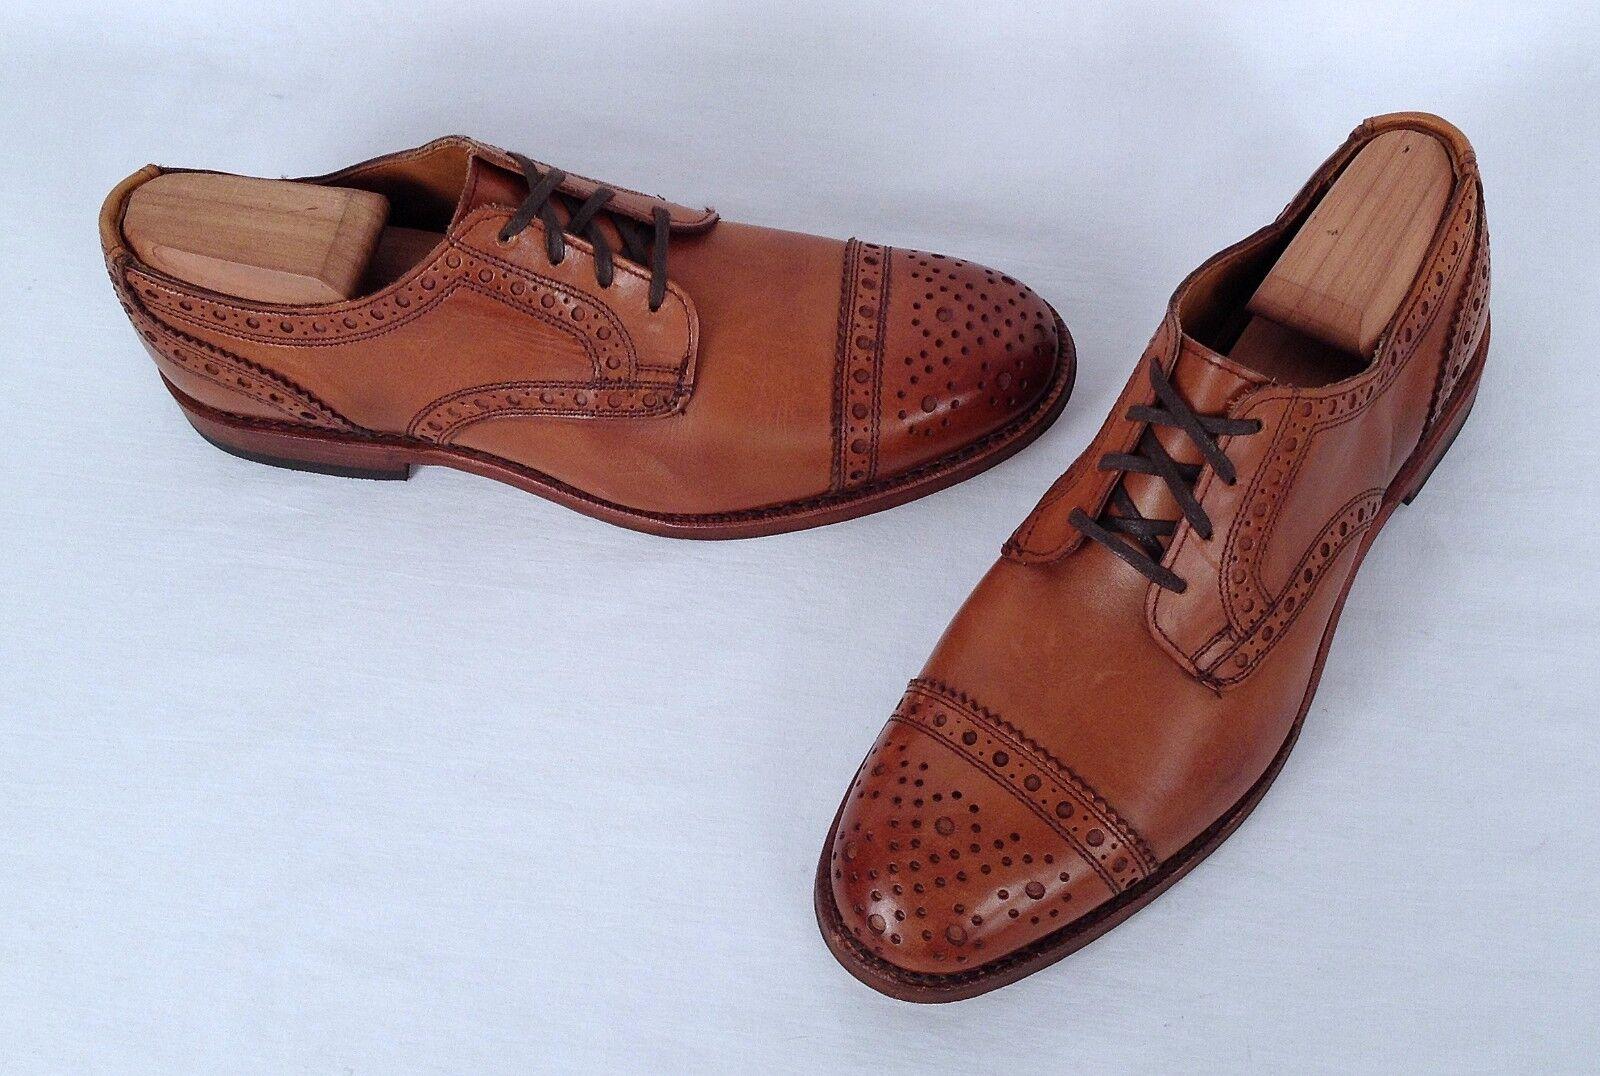 Allen Edmonds 'Warwick' Oxford - Walnut- Size 8 D  $385